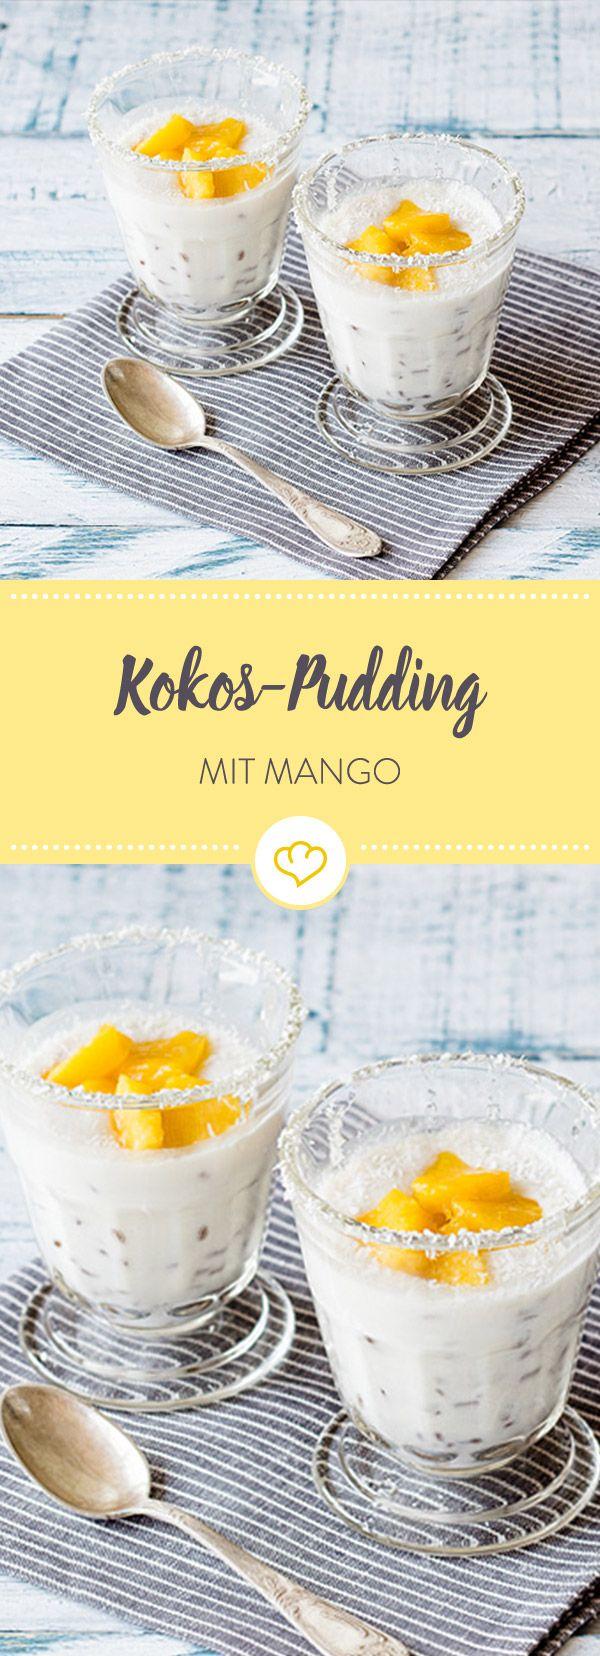 Unser Rezept für cremigen Kokos-Pudding mit saftiger Mango macht Lust auf Sommer. Dieses und weitere Dessert-Variationen findest du im Springlane Magazin.